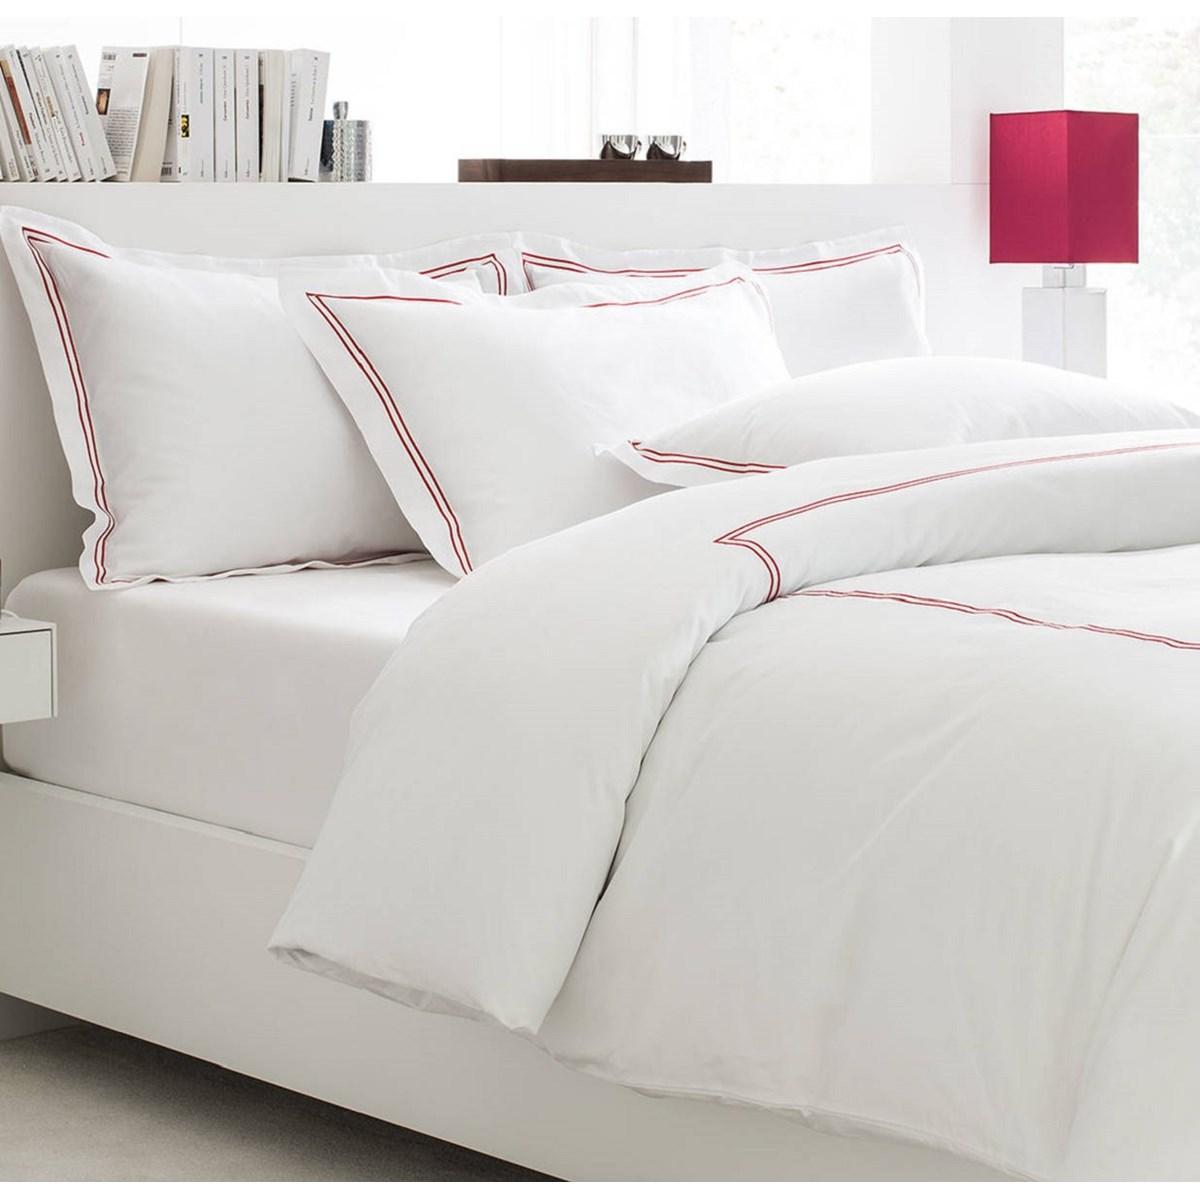 Housse de couette luxe en Satin de coton  Rouge 260x240 cm